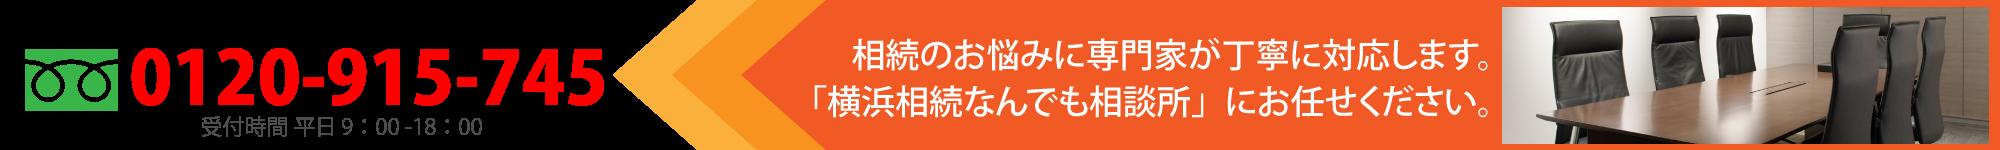 相続のお悩みに専門家が対応する「横浜相続なんでも相談所」